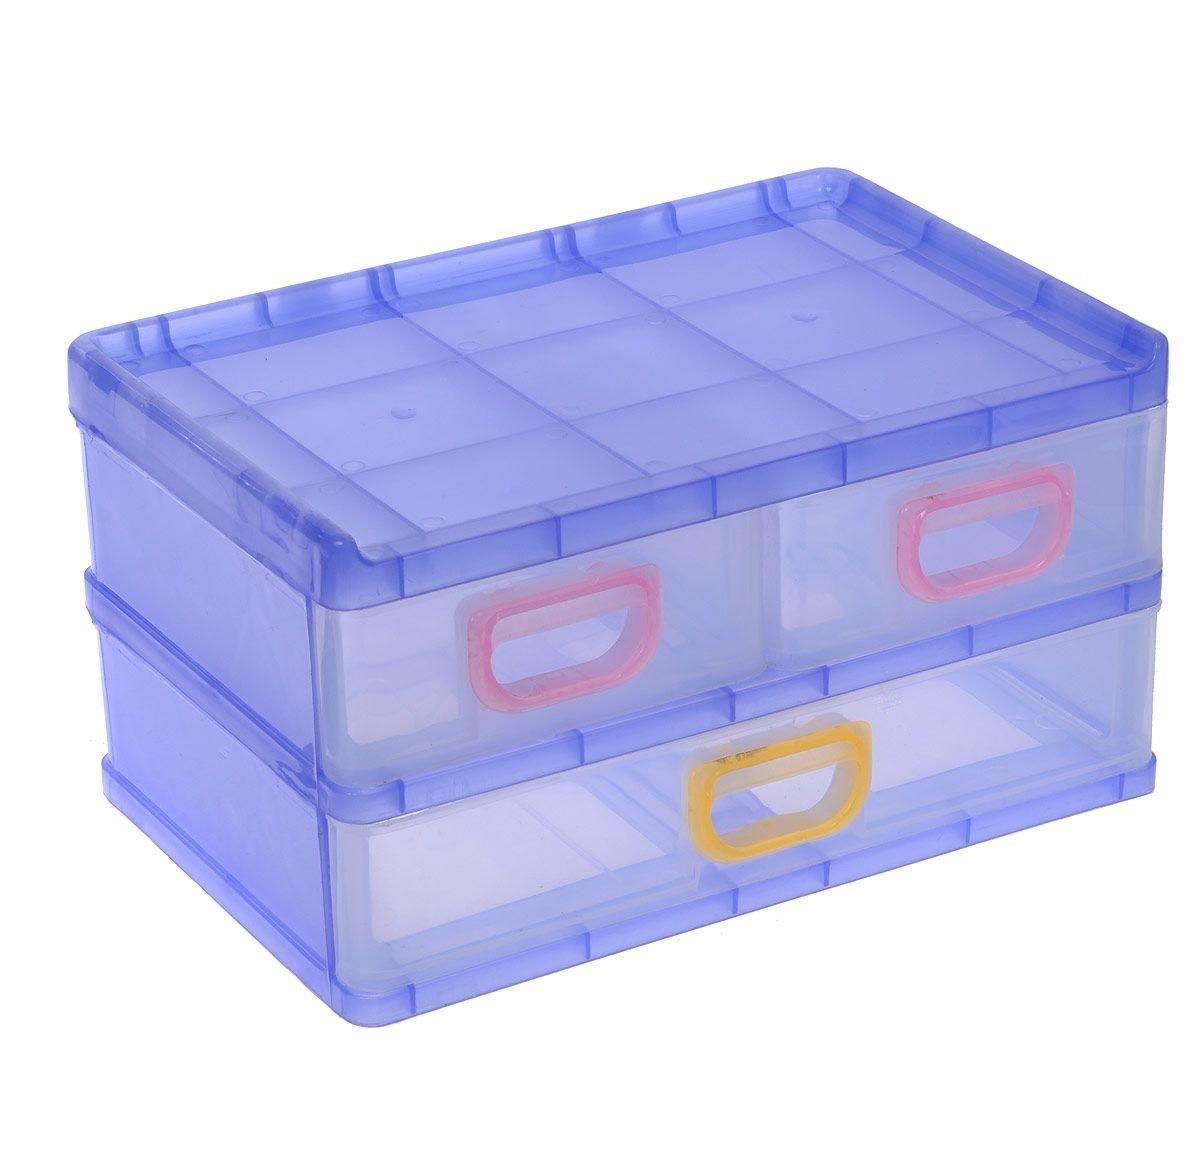 Контейнер для мелочей, цвет: сиреневый, 26 х 17 х 13,5 см 531696RG-D31SКонтейнер для мелочей изготовлен из пластика синего цвета. Изделие содержит три выдвижных ящичка, где можно хранить швейные принадлежности, рыболовные снасти, мелкие детали и другие бытовые мелочи. Ящички прозрачные, что позволяет видеть их содержимое. Такой контейнер поможет держать вещи в порядке.